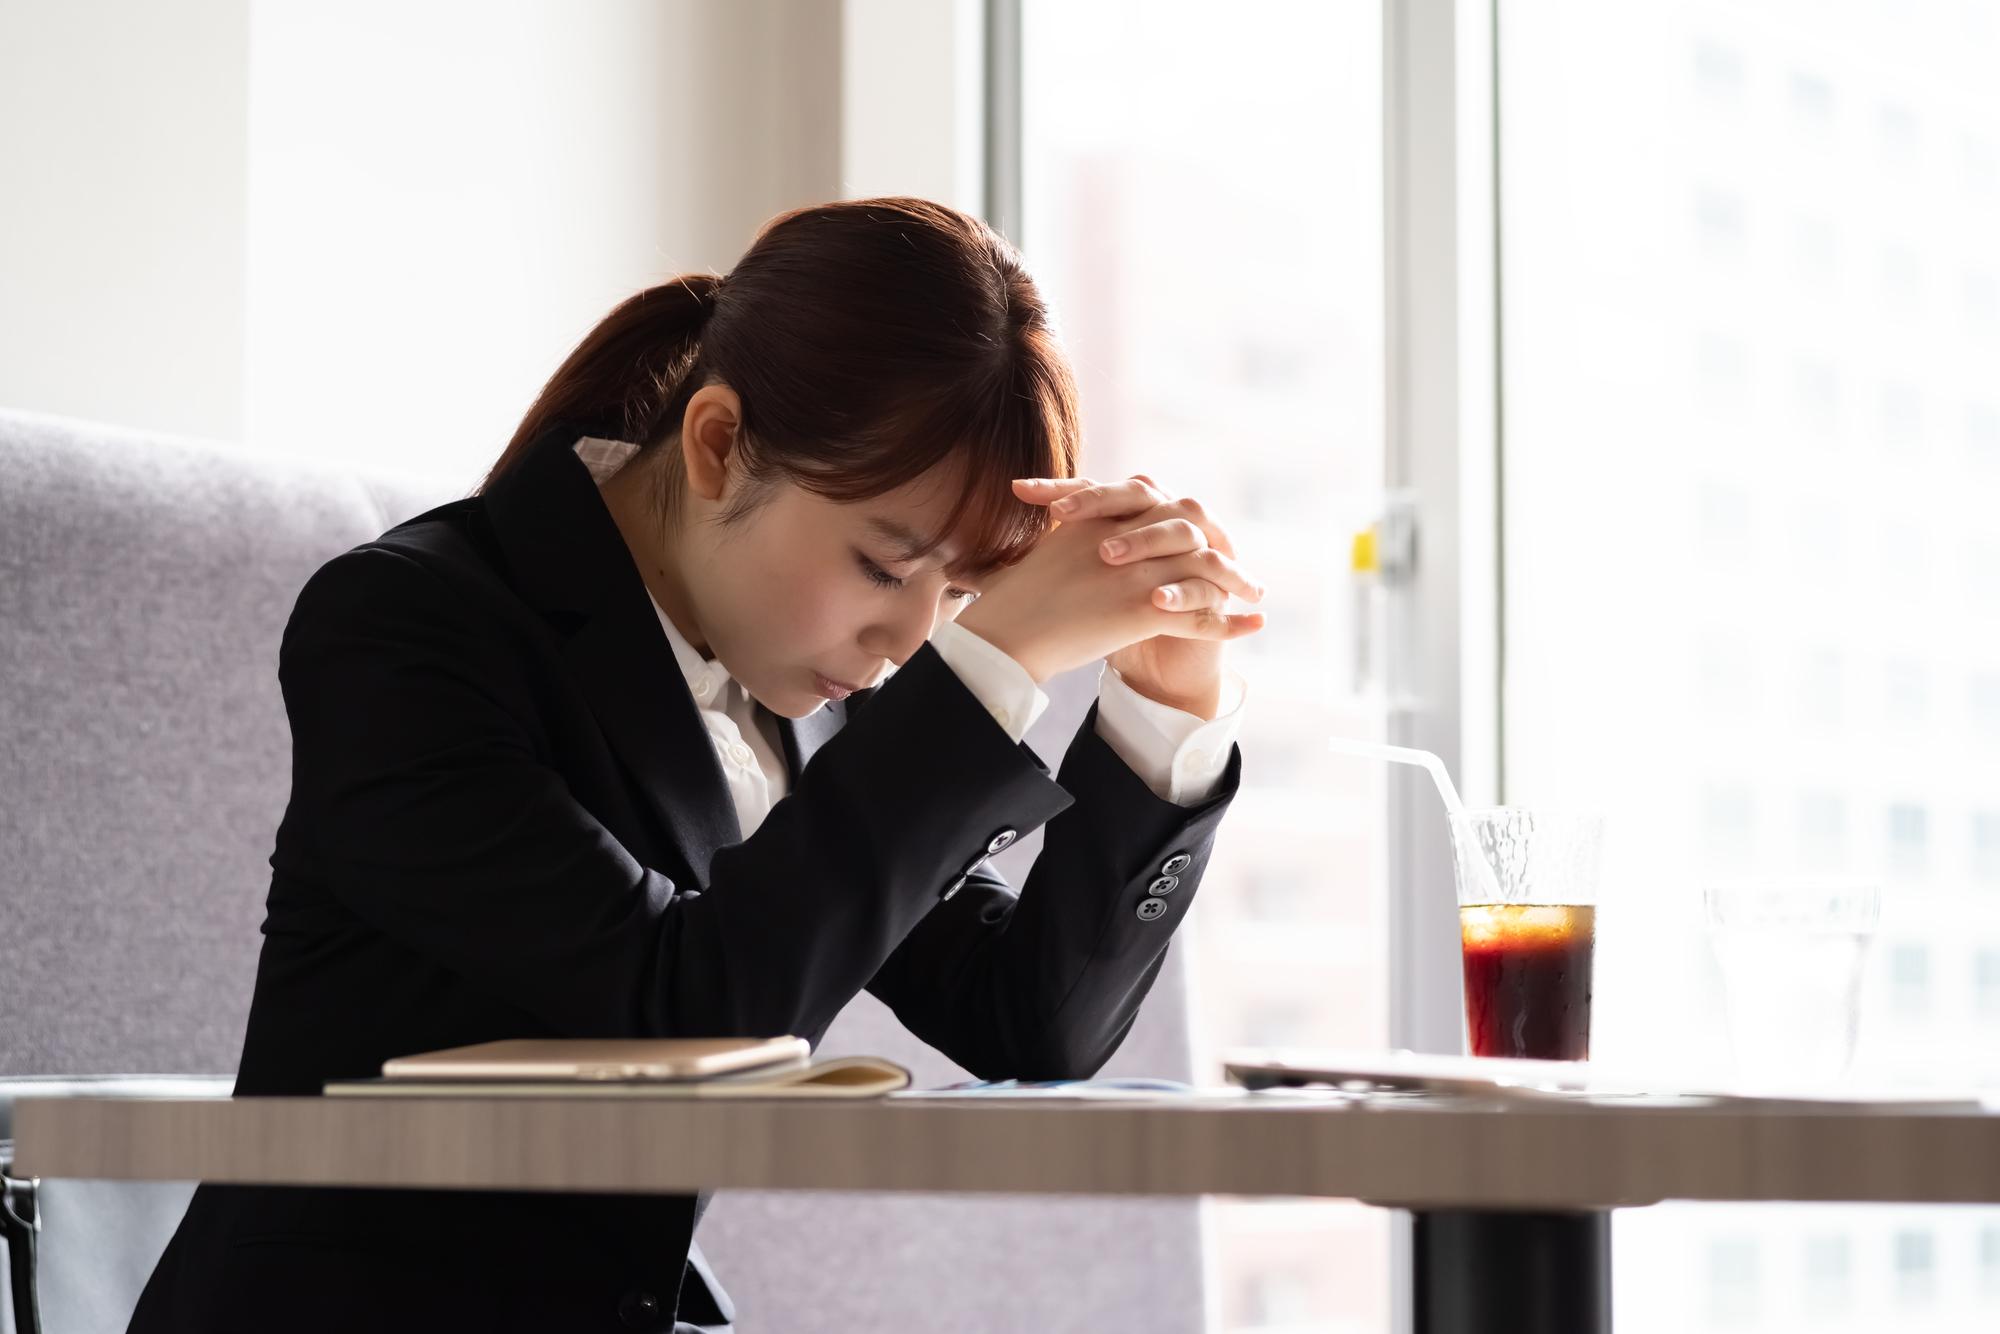 「就活ハラスメント」に悩む就活生のイメージ画像